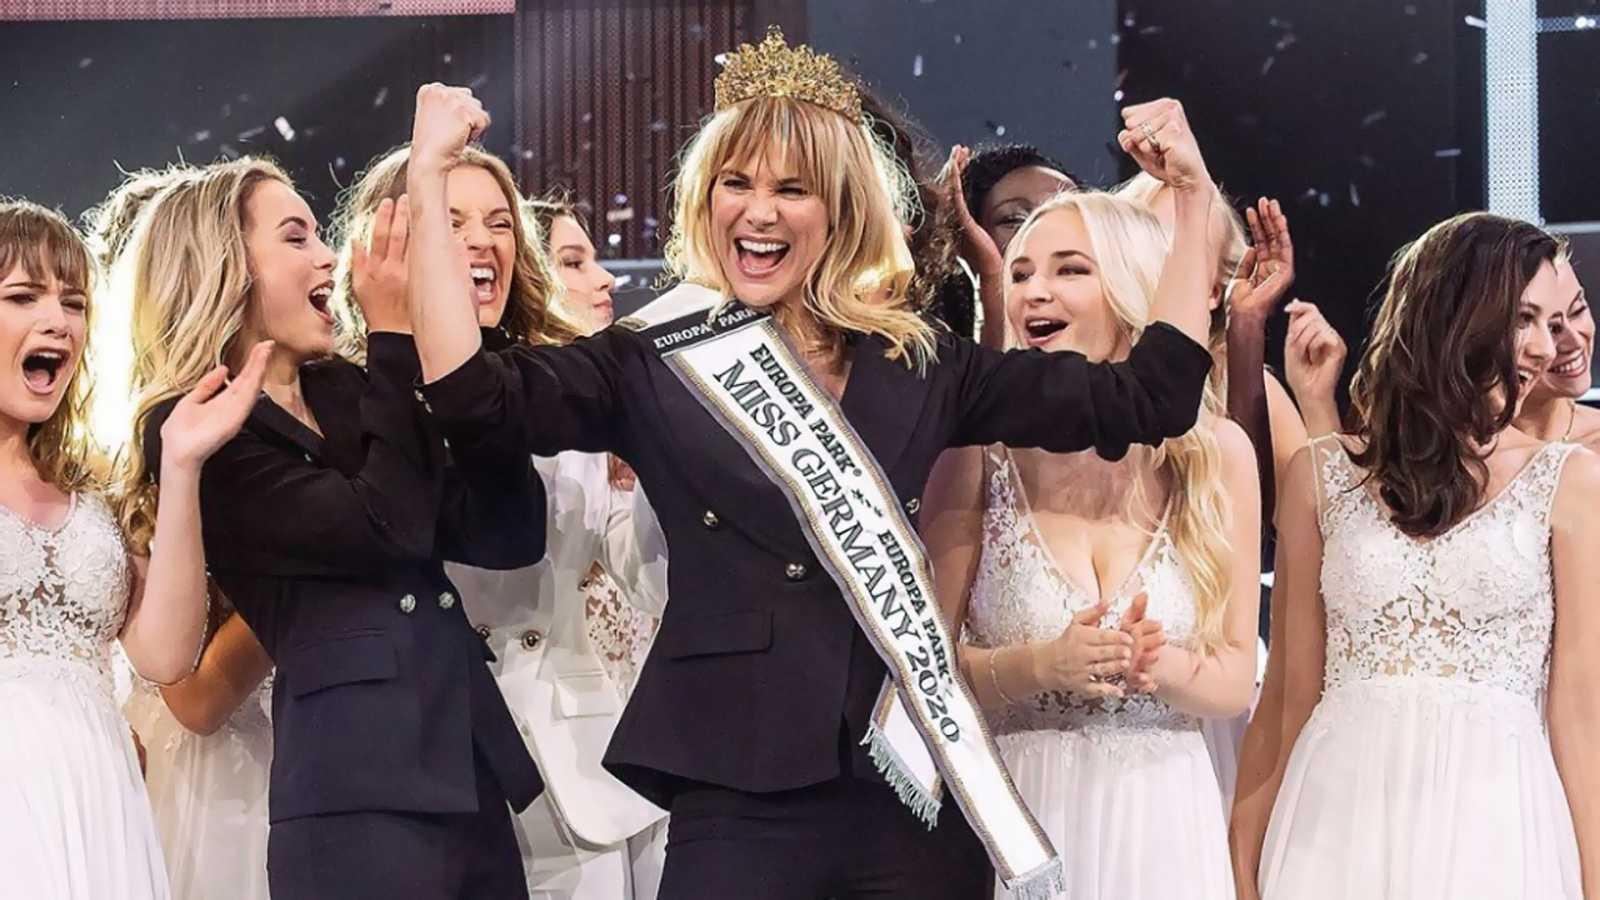 Leonie von Hase, coronada Miss Alemania a los 35 años